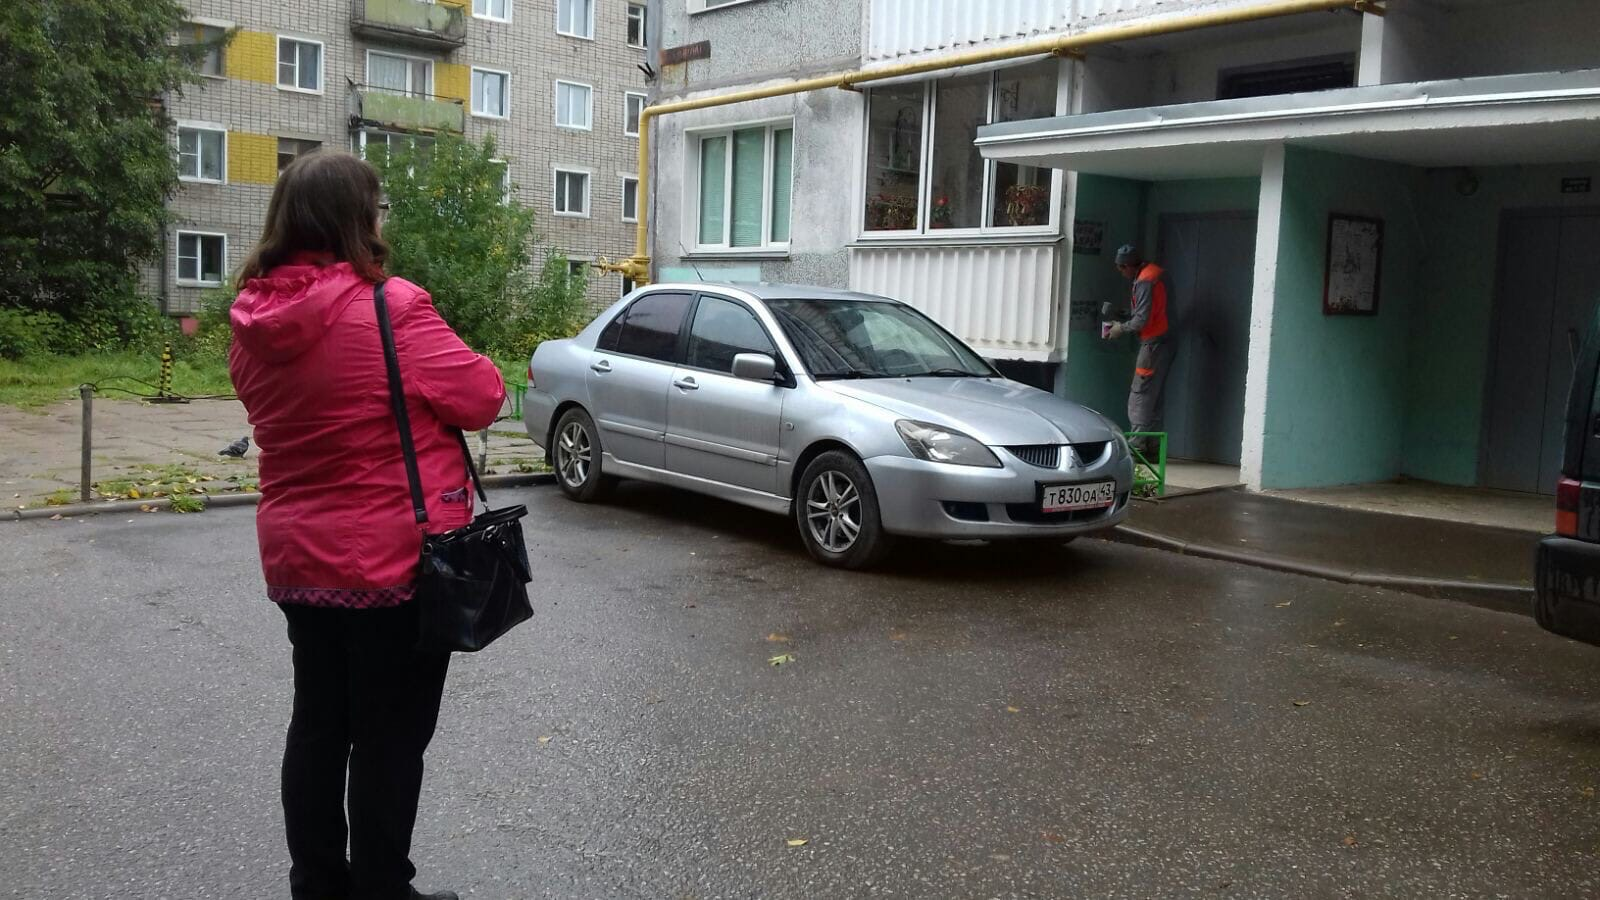 Улица Московская дом 173 закрашивание надписей на